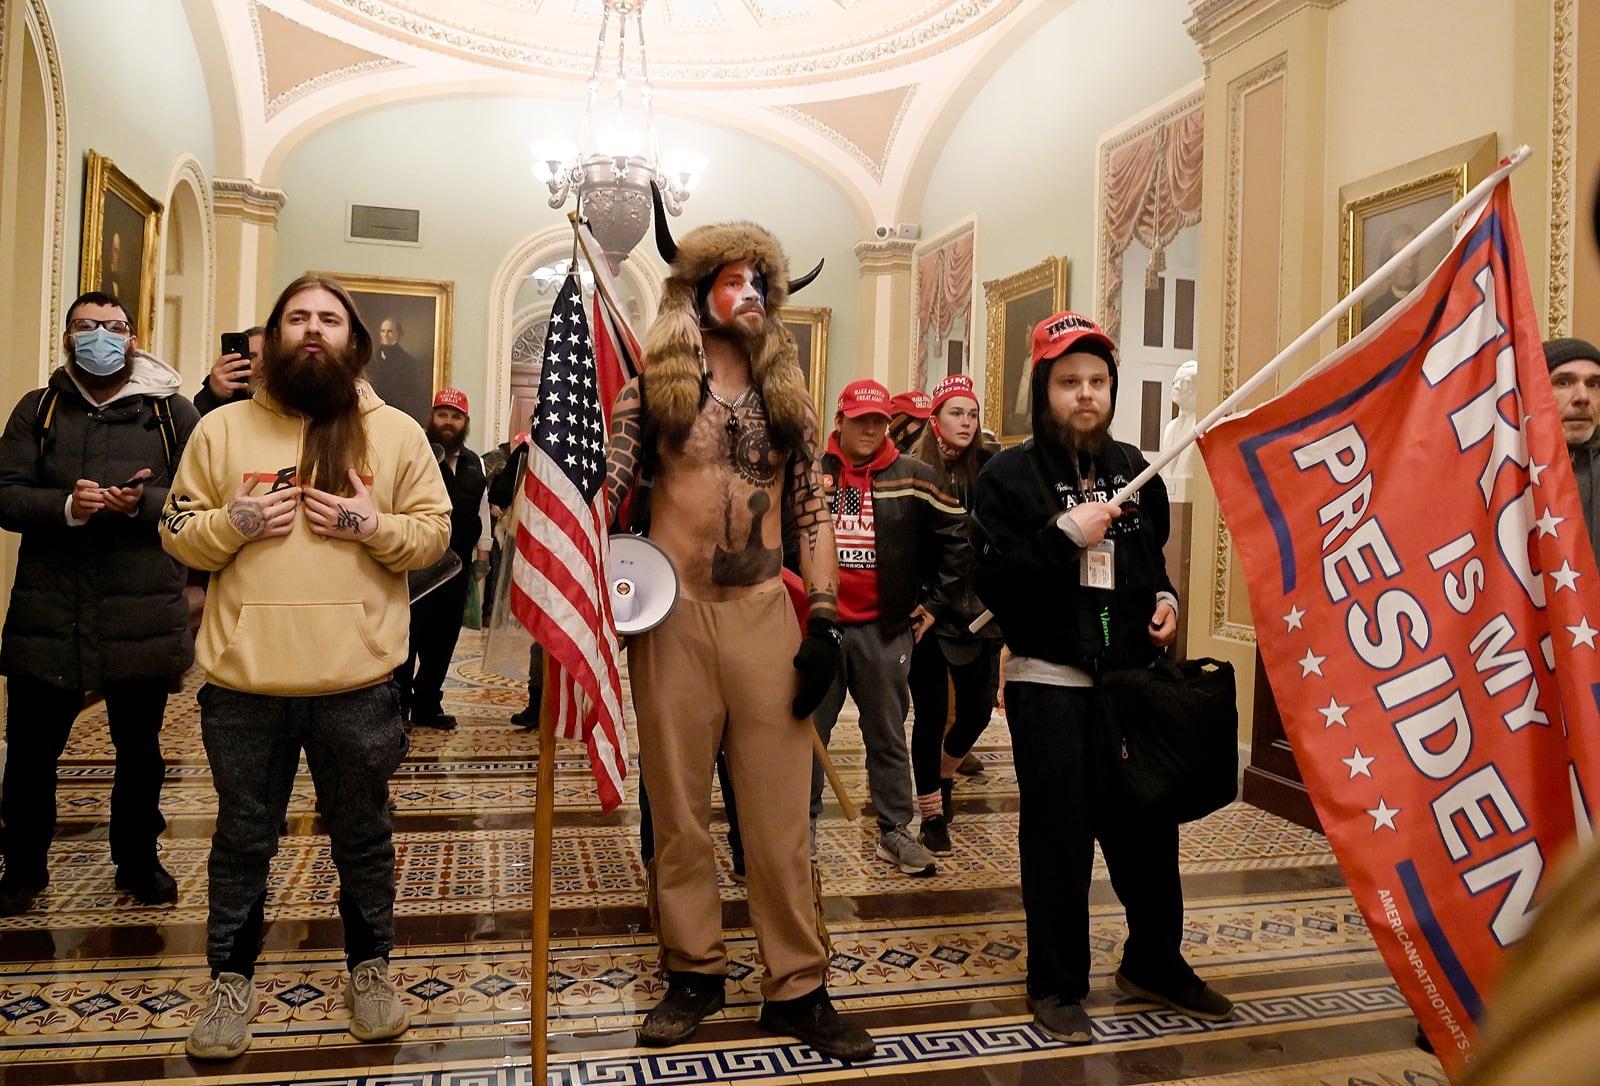 Imatge que s'ha fet viral de seguidors de Trump, amb Jake Angeli al centre, a l'interior del Capitoli el 6 de gener. Fotografia de Saul Loeb. AFP. Getty.